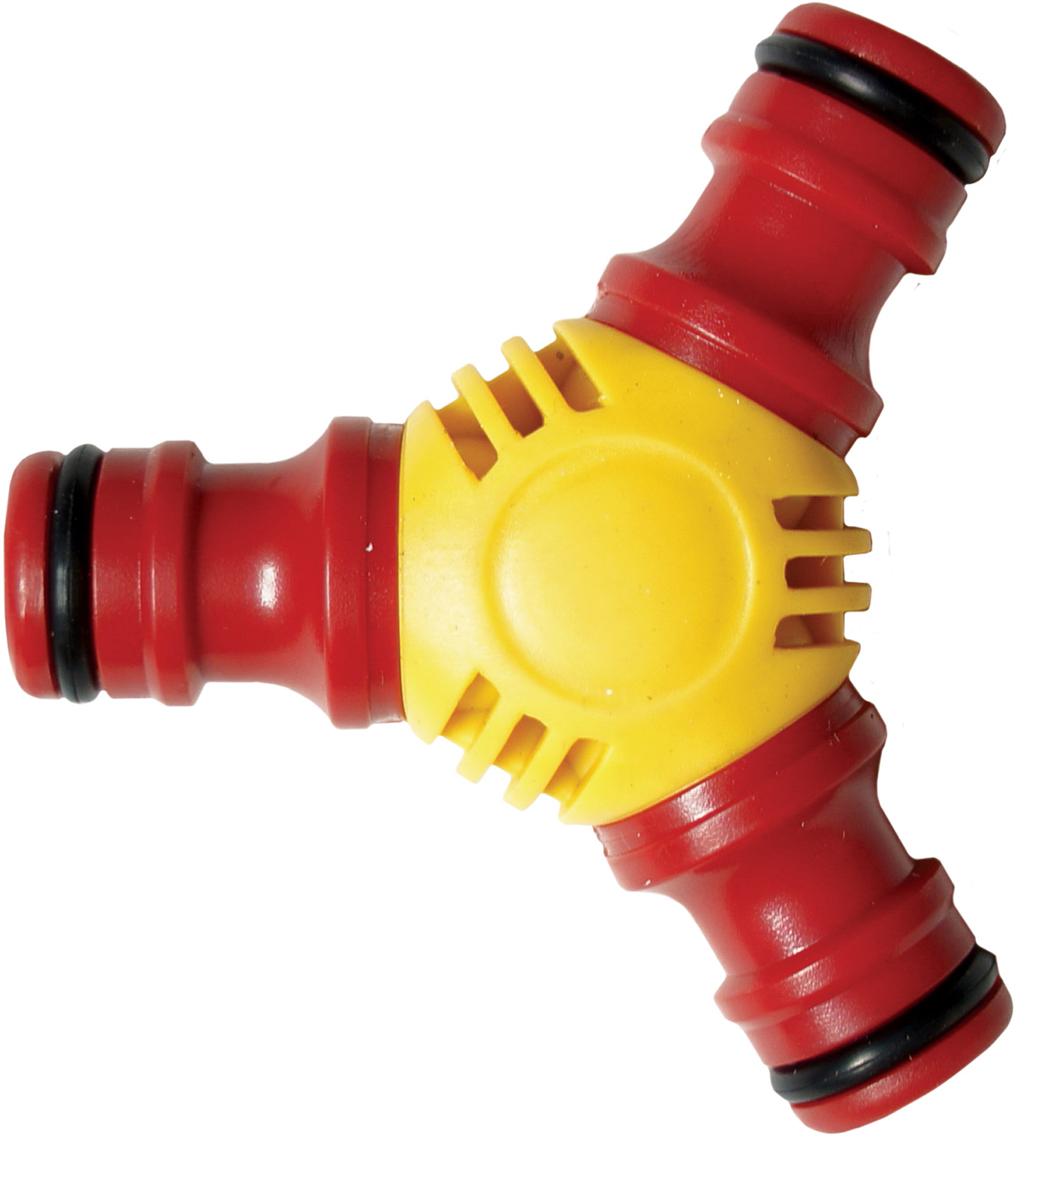 Тройник предназначен для разветвления шлангов. Используется совместно с коннекторами, соответствующими диаметру шланга. Материал: пластик.